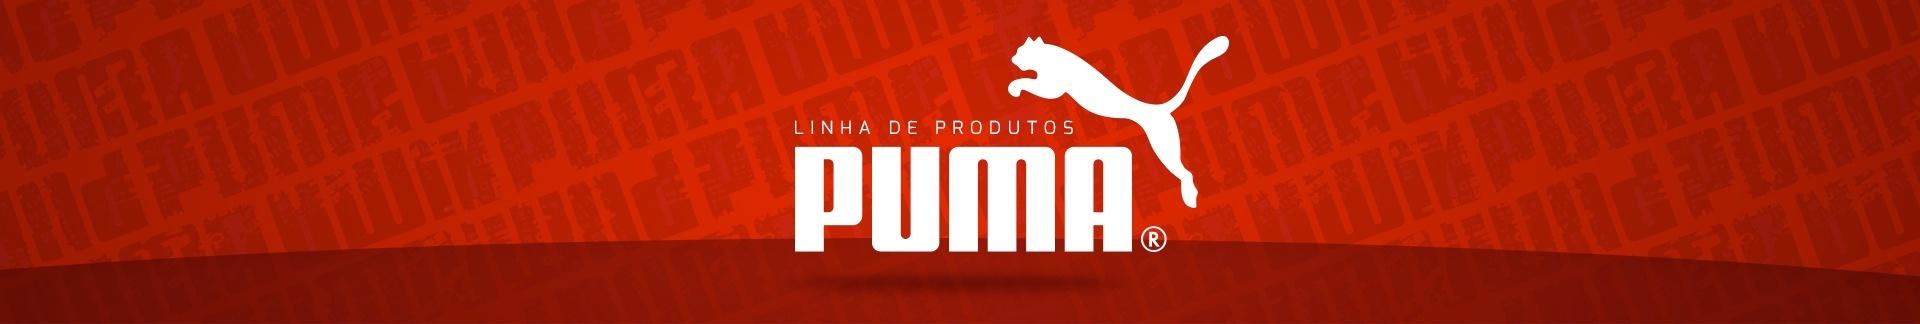 full puma